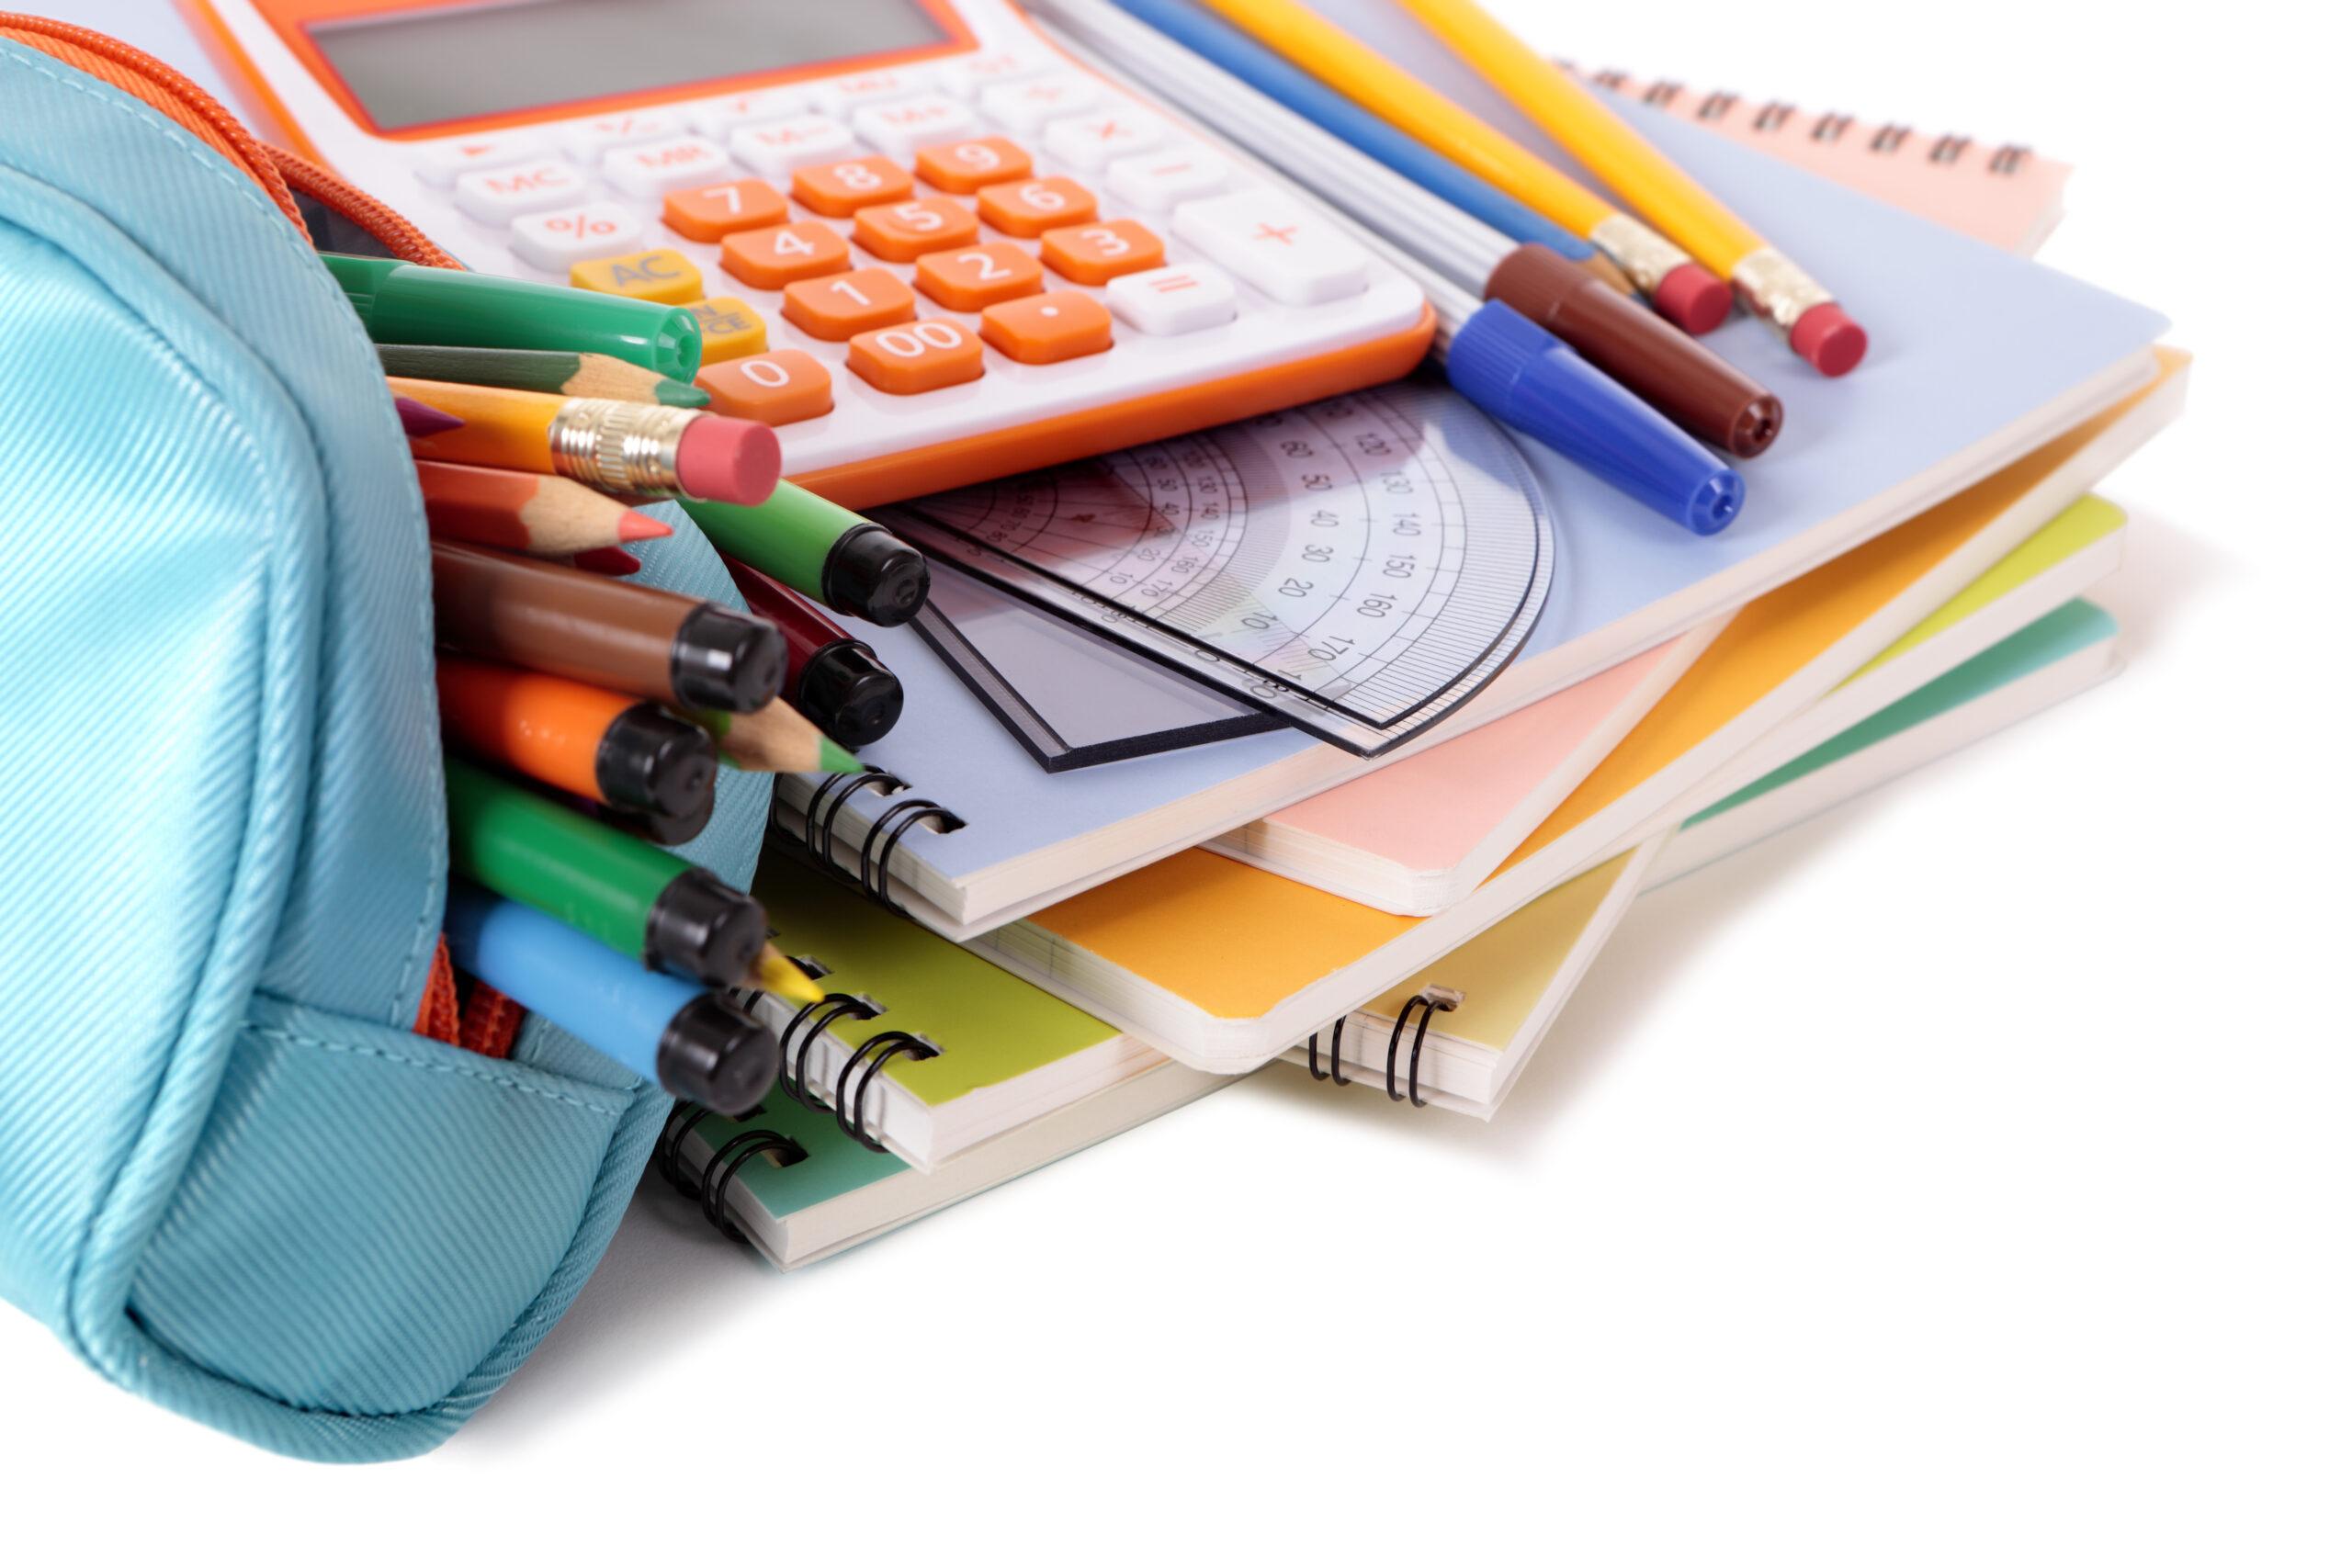 Οργάνωση μελέτης στο σπίτι